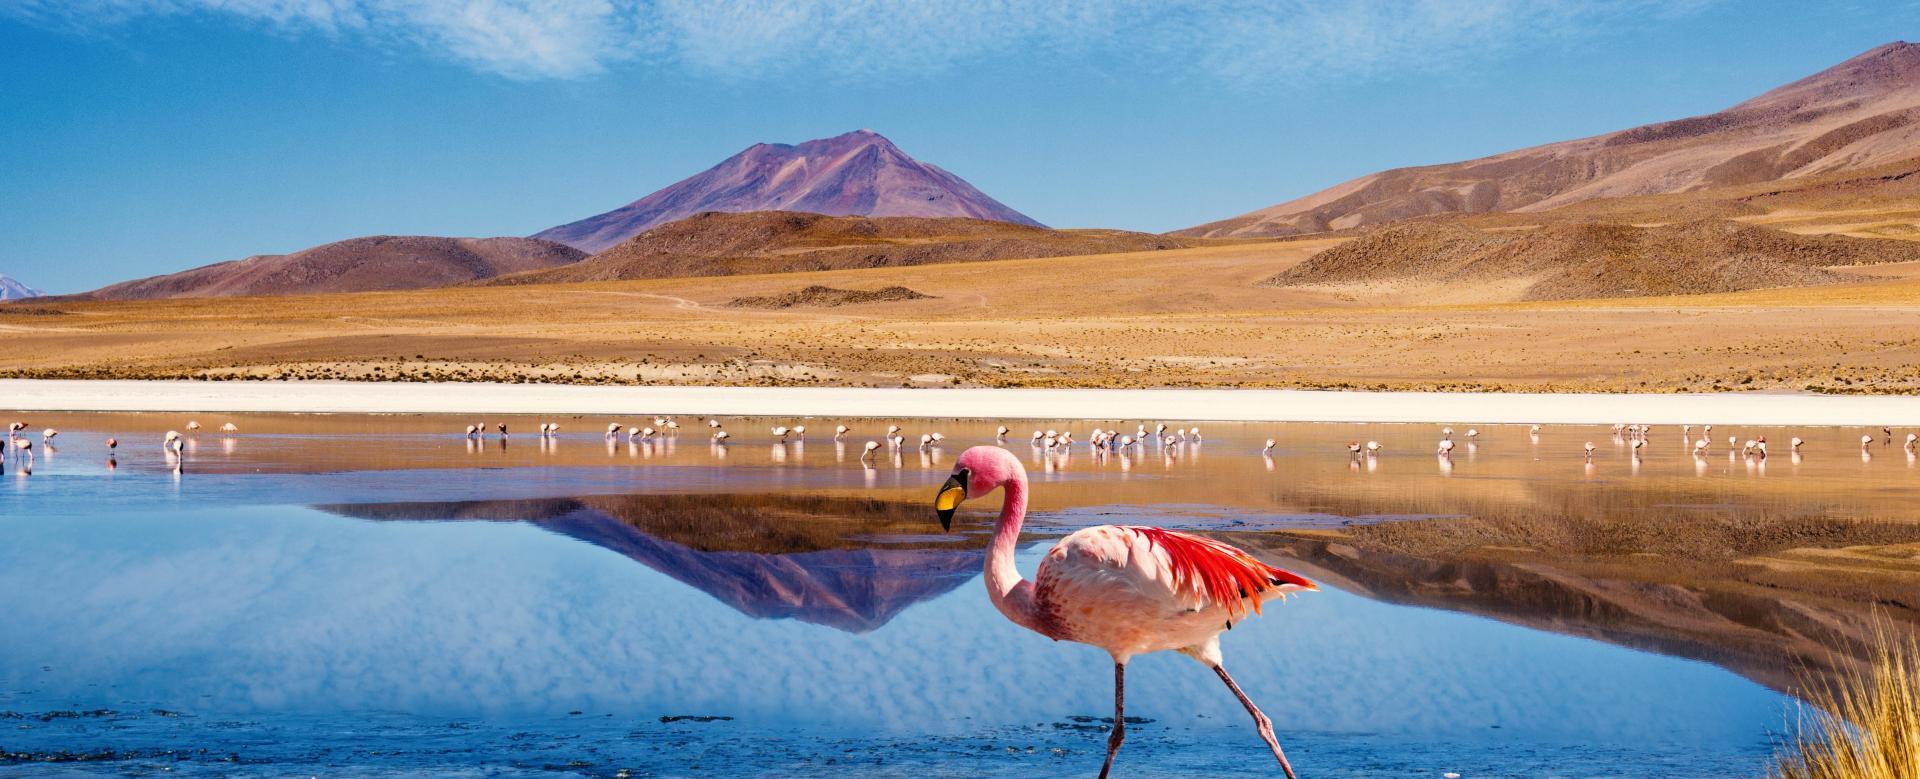 Voyage à pied Chili : Les déserts des andes centrales